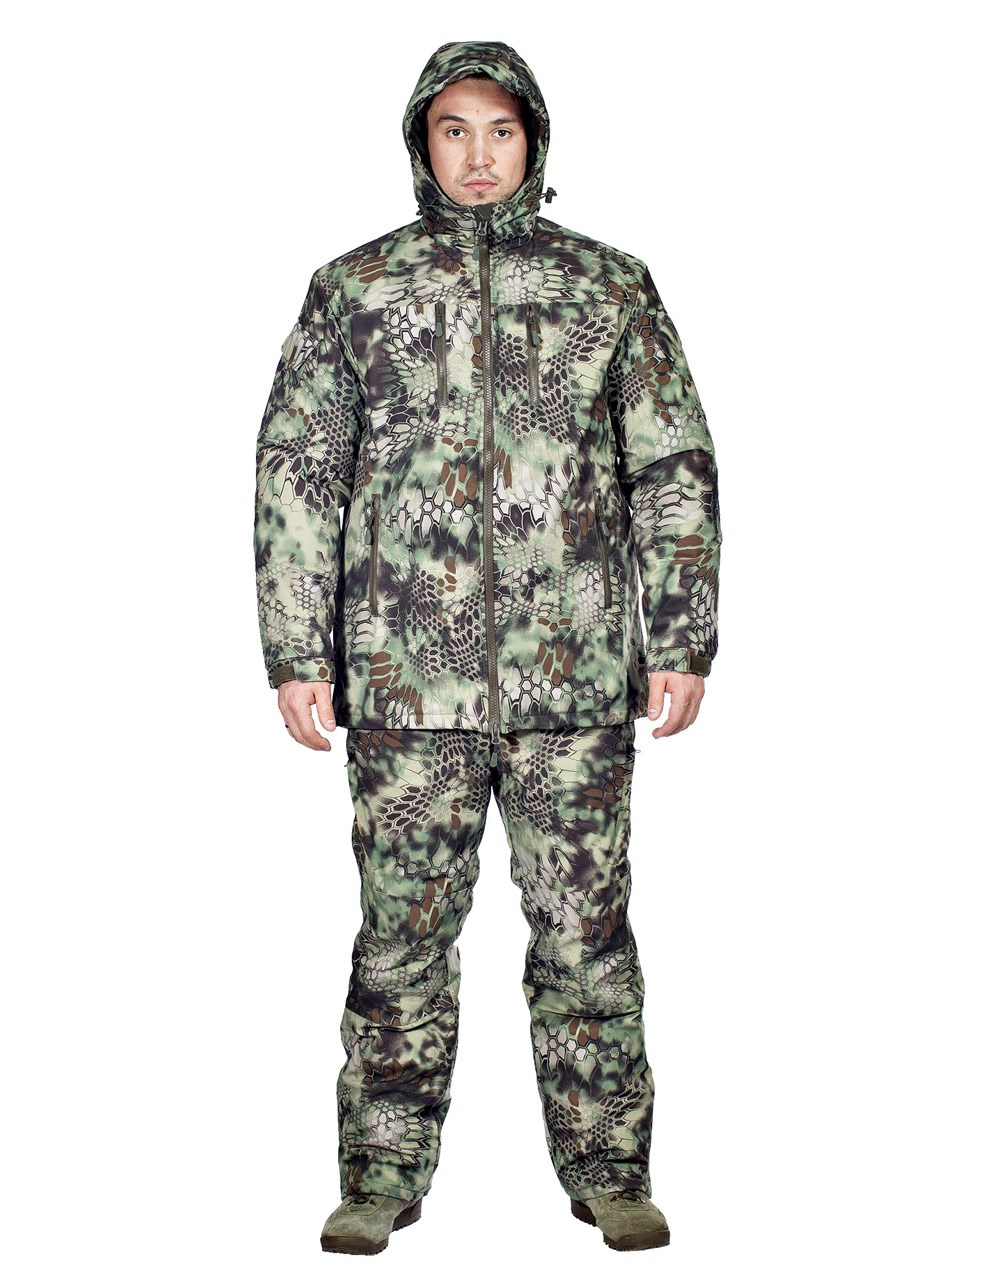 Костюм зимний МПА-38-01 (мембрана, питон лес), Костюмы утепленные<br>Костюм состоит из брюк с плечевой разгрузочной <br>системой, а также куртки со съемным капюшоном <br>и утепляющей подкладкой. Разработан для <br>подразделений воооруженных сил, действующих <br>в условиях экстремального холода (до -50 <br>градусов Цельсия). ХАРАКТЕРИСТИКИ ЗАЩИТА <br>ОТ ХОЛОДА ДЛЯ ИНТЕНСИВНЫХ НАГРУЗОК ДЛЯ <br>АКТИВНОГО ОТДЫХА ТОЛЬКО РУЧНАЯ СТИРКА МАТЕРИАЛЫ <br>МЕМБРАНА УТЕПЛИТЕЛЬ ФАЙБЕРСОФТ<br><br>Пол: мужской<br>Размер: 48<br>Рост: 188<br>Сезон: зима<br>Цвет: зеленый<br>Материал: мембрана